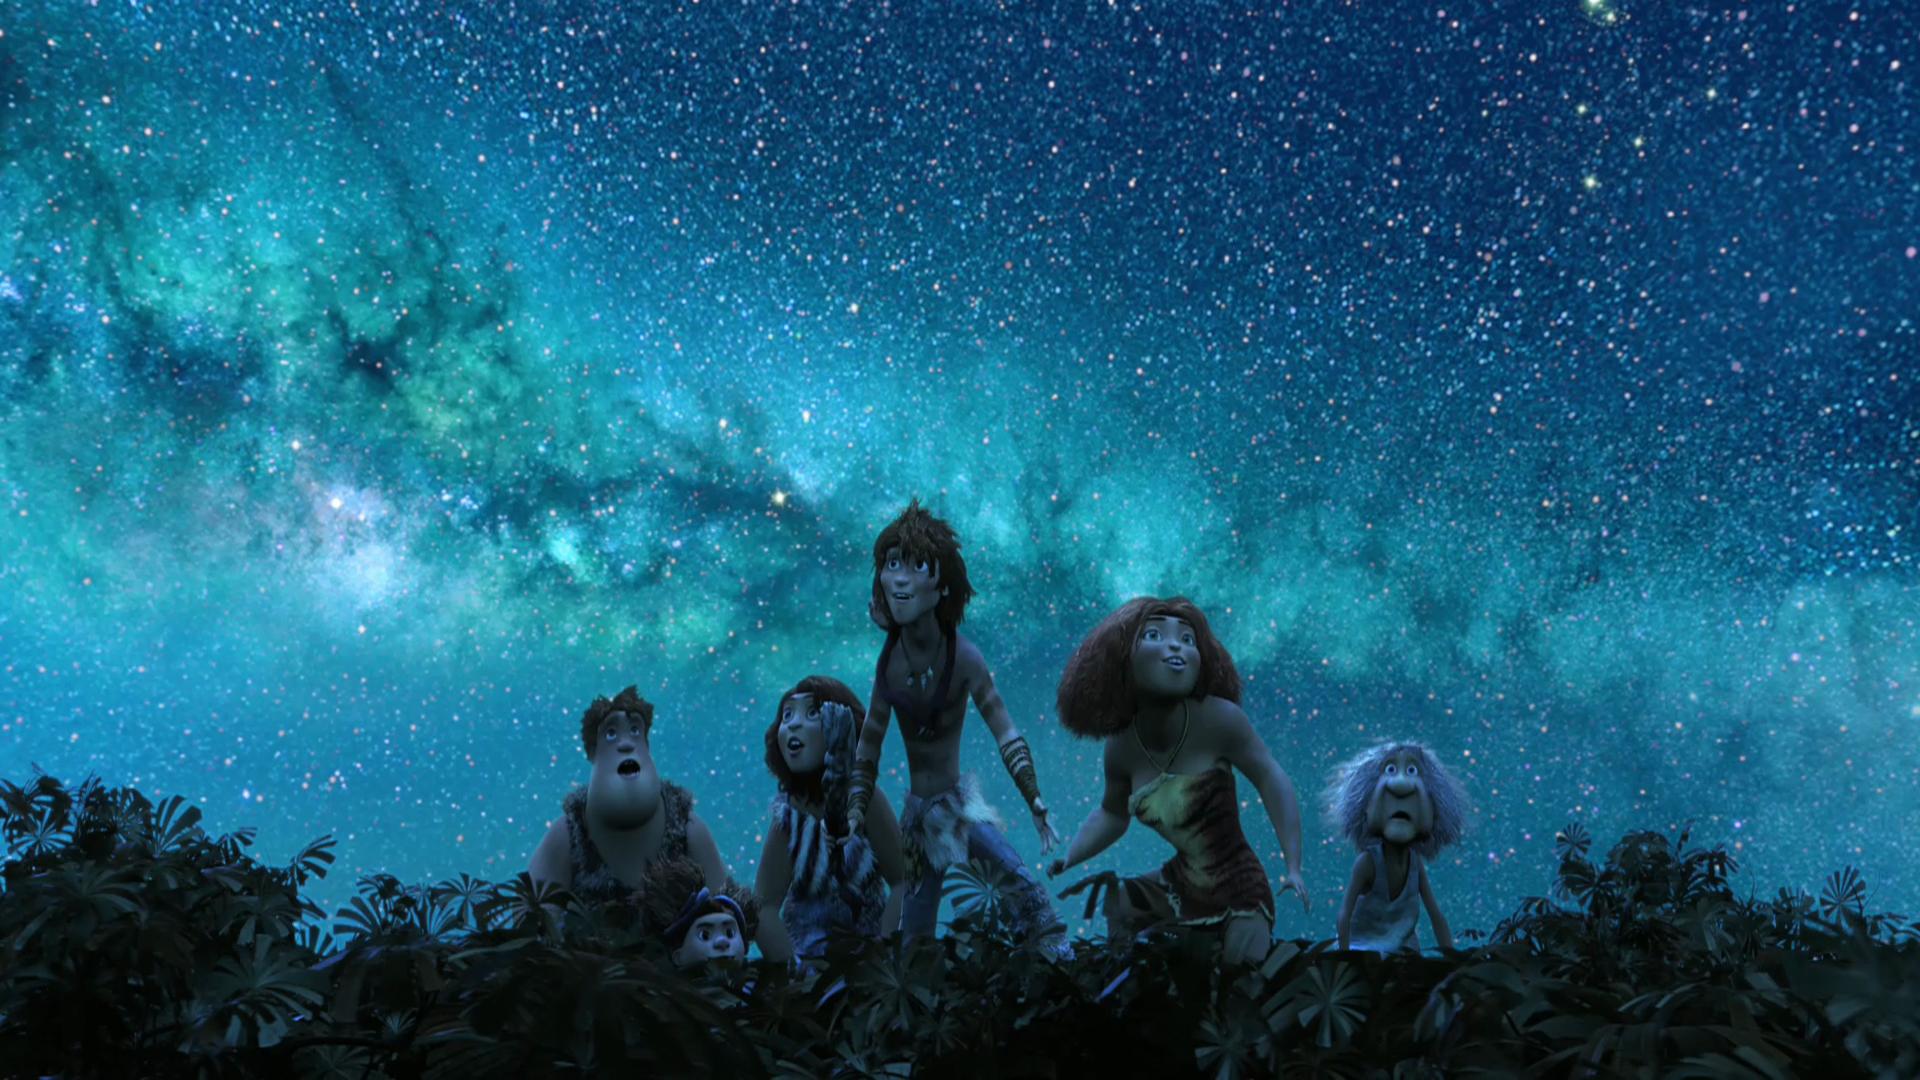 Ver Los Croods: Una aventura prehistórica (2013) Online Película Completa Latino Español en HD